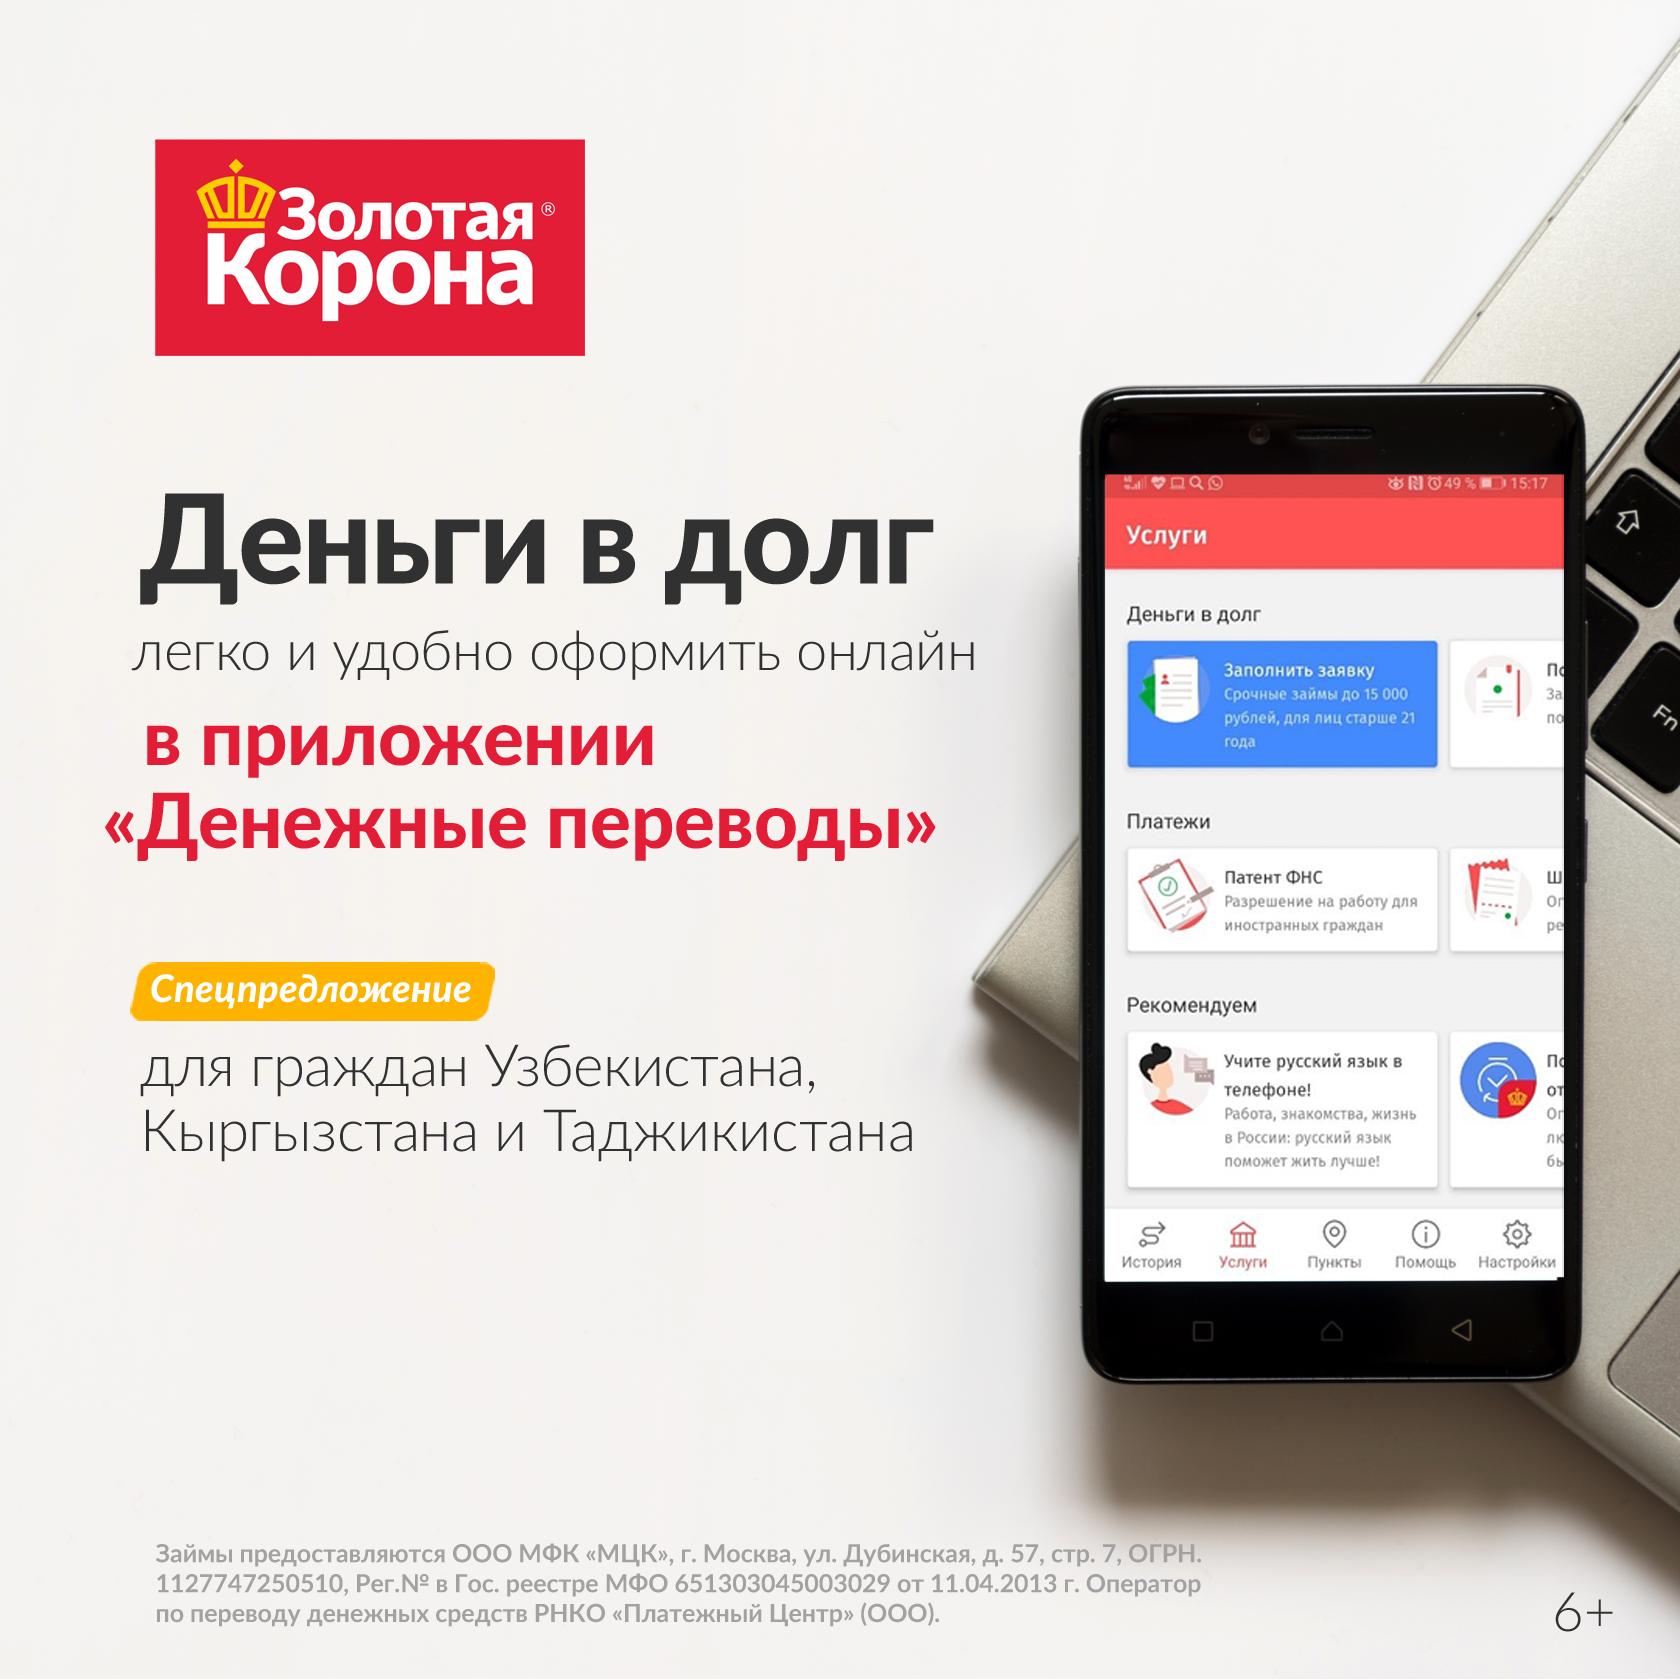 онлайн кредит в украине взять срочно на карту без отказа без процентов